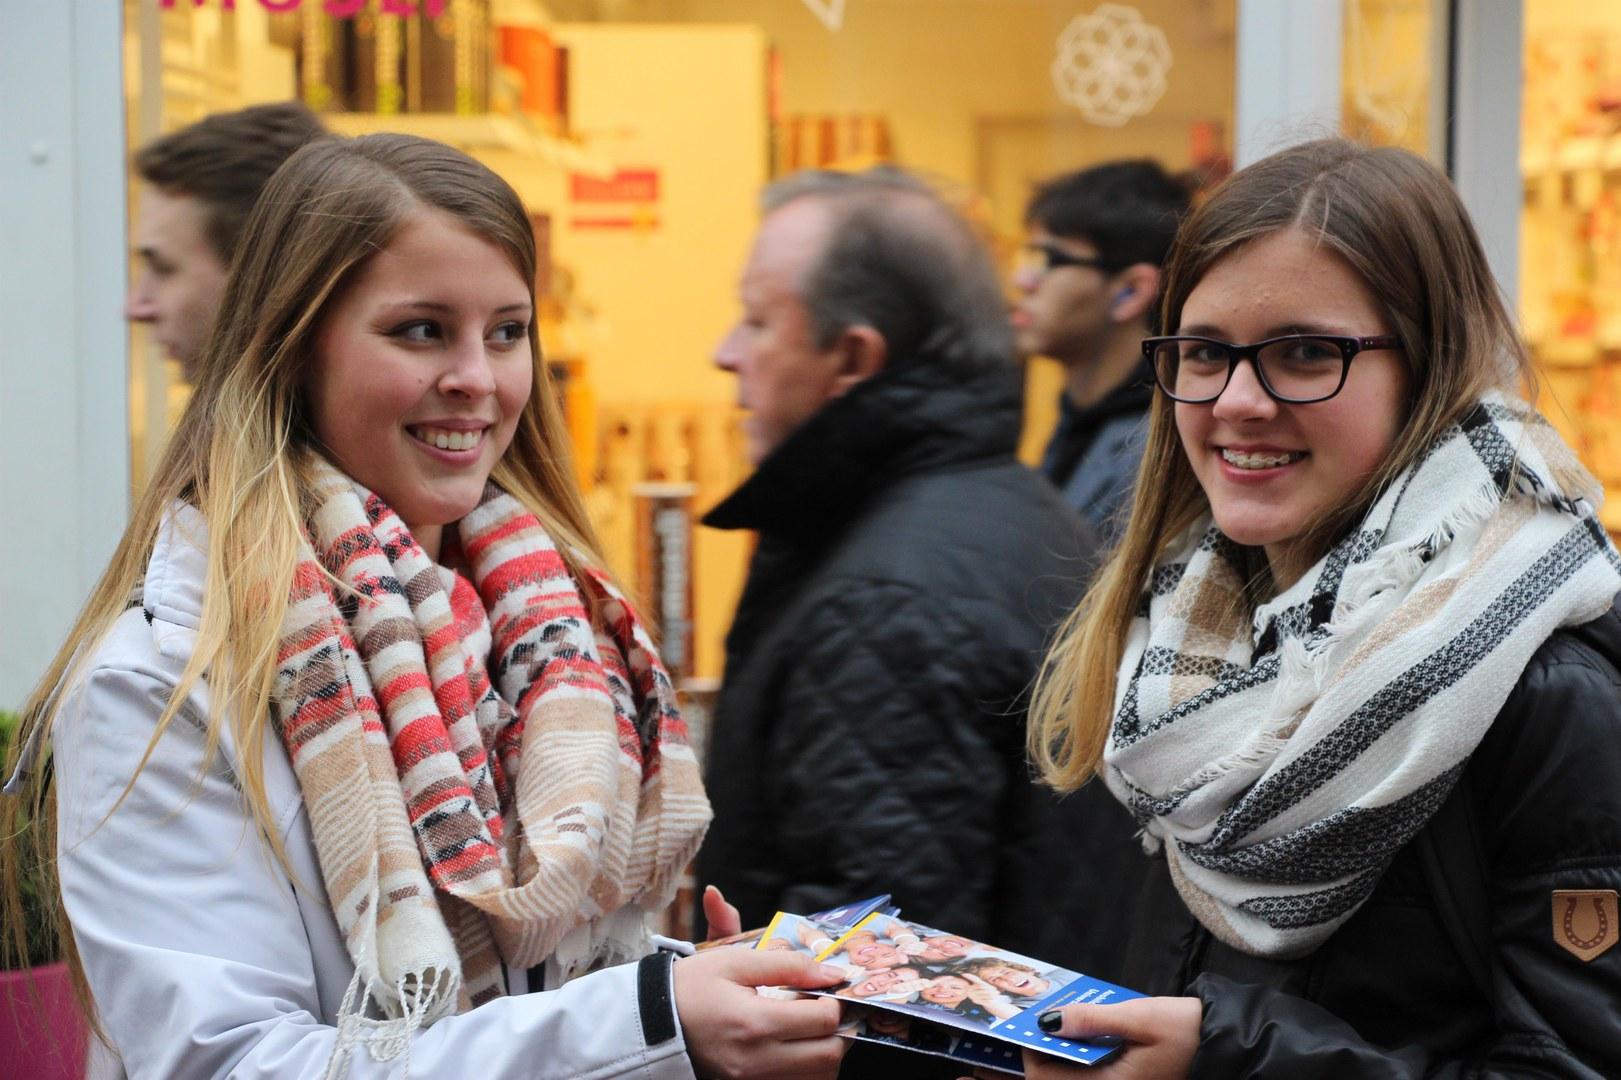 Von der Ausbildung an der Uni Bonn zu hören, macht offensichtlich gute Laune.